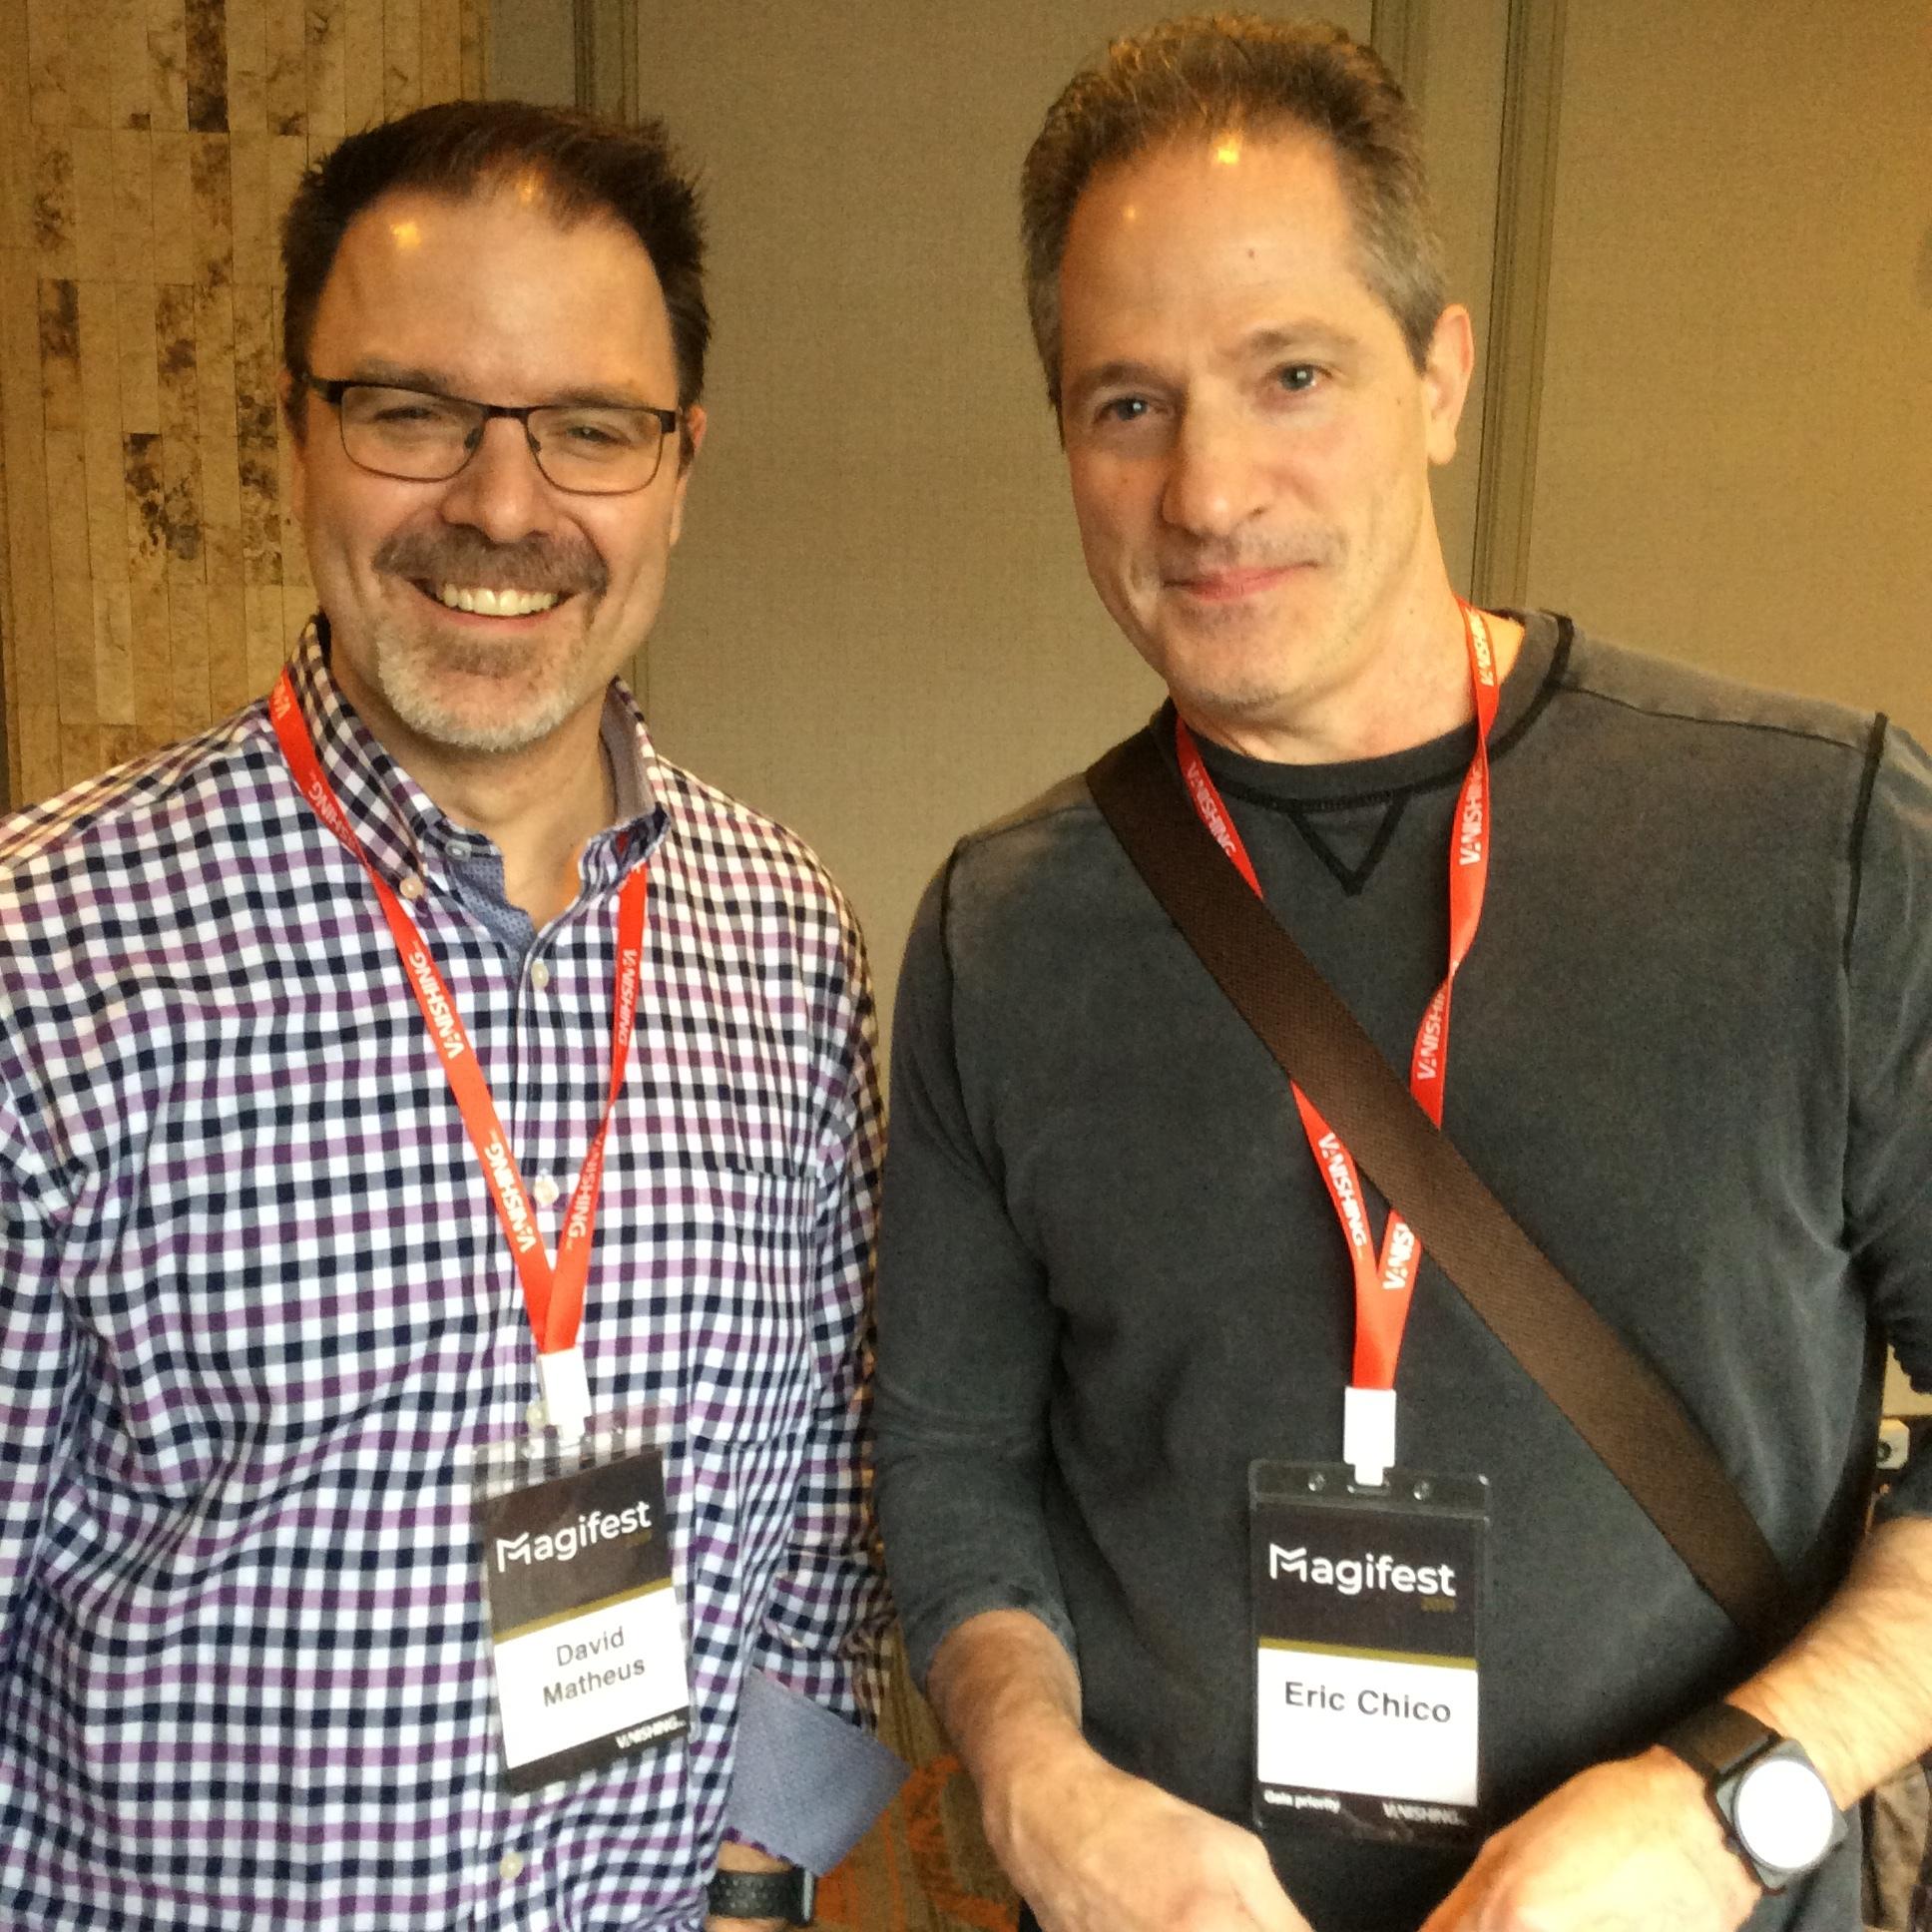 David Mattheus and Eric Chico